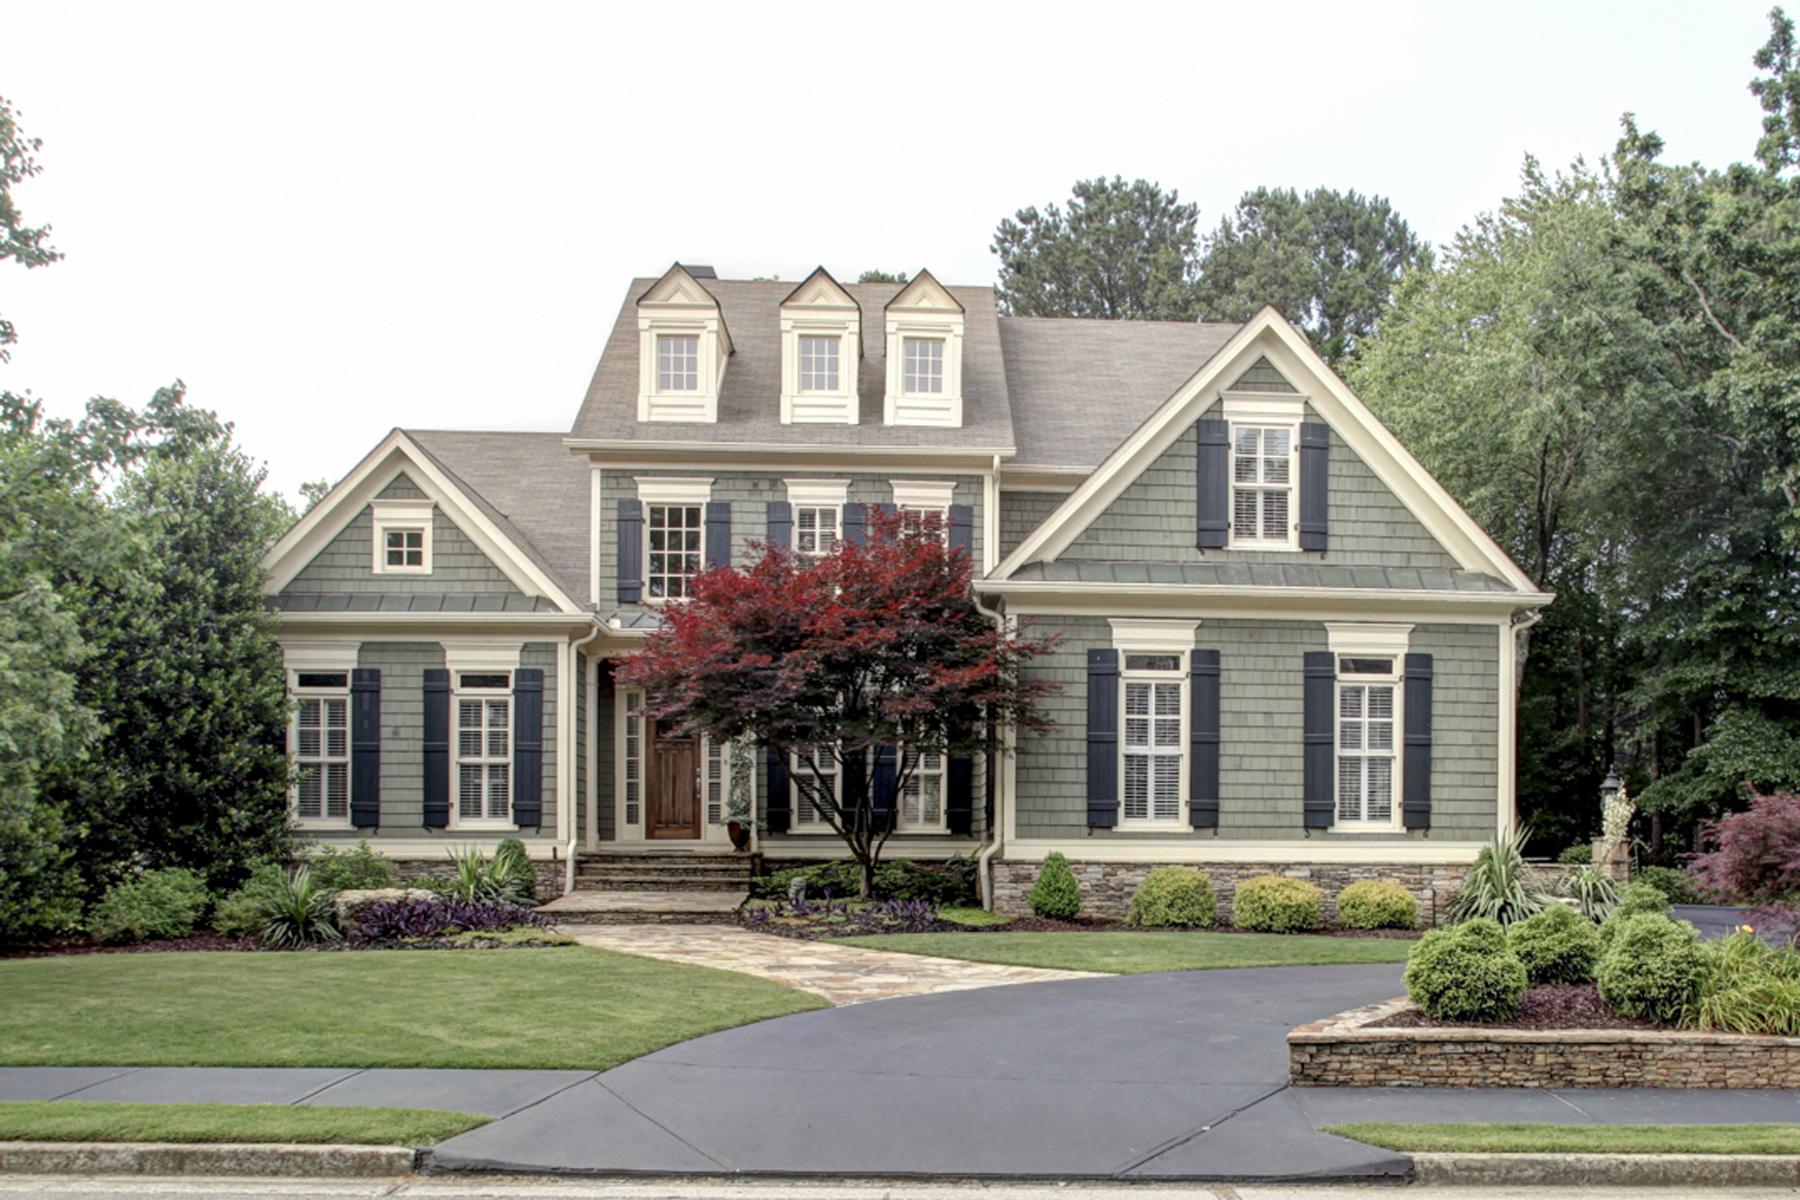 단독 가정 주택 용 매매 에 Fantastic Home In Amazing Garden Setting 640 Tabbystone Street NW Marietta, 조지아, 30064 미국